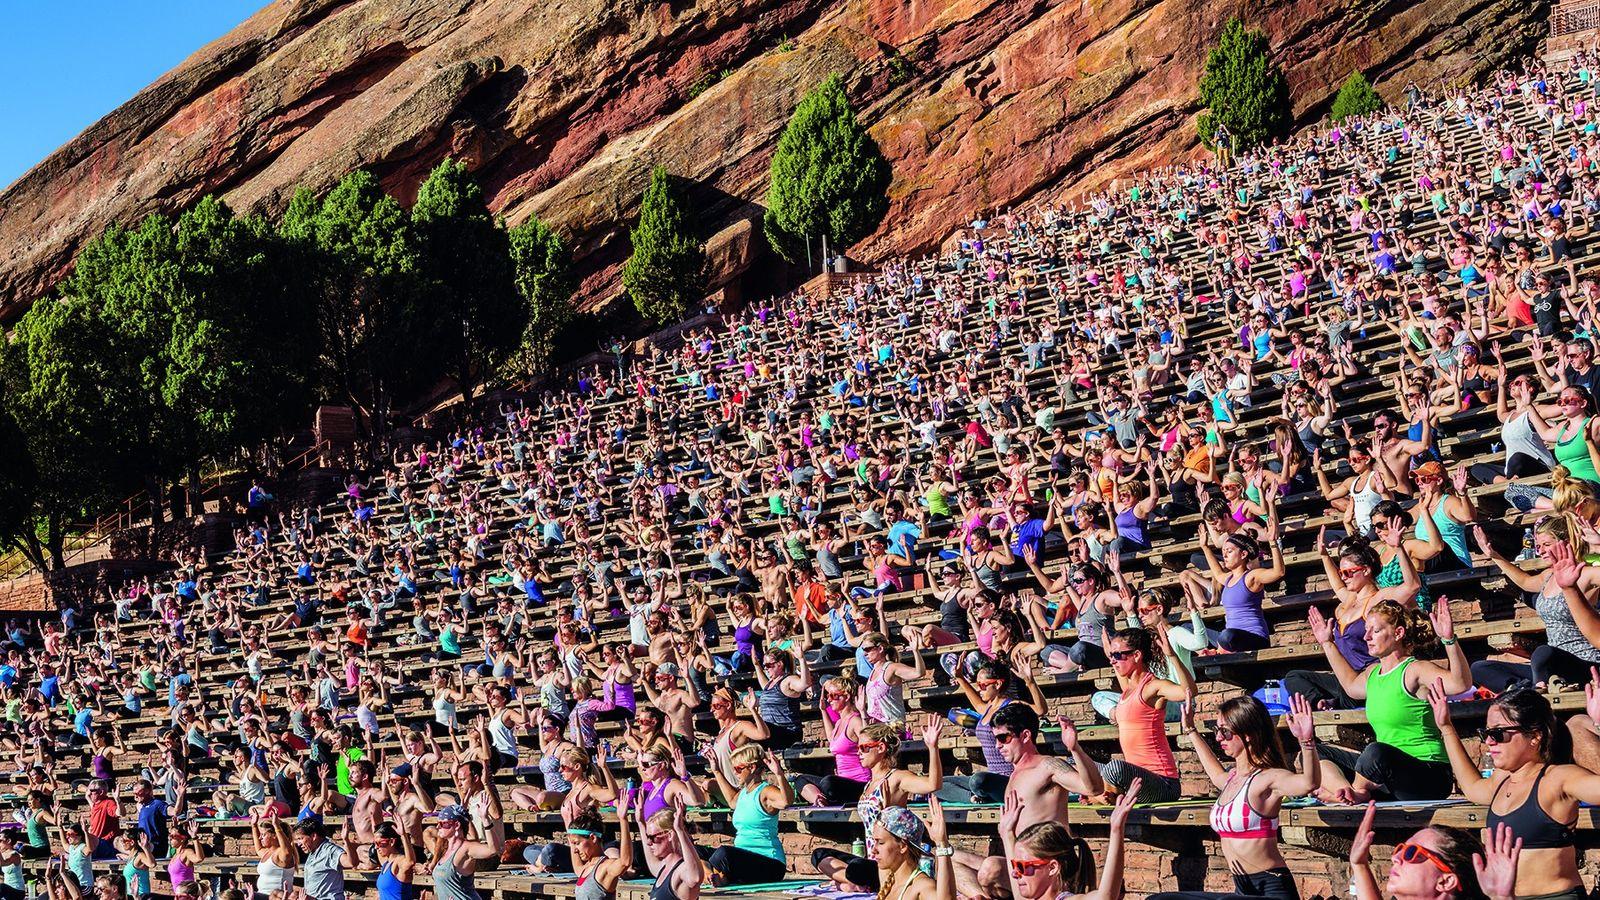 """2100 Teilnehmer füllen bei """"Yoga on the Rocks"""" das Red-Rocks-Amphitheater außerhalb von Denver, Colorado, bis auf ..."""